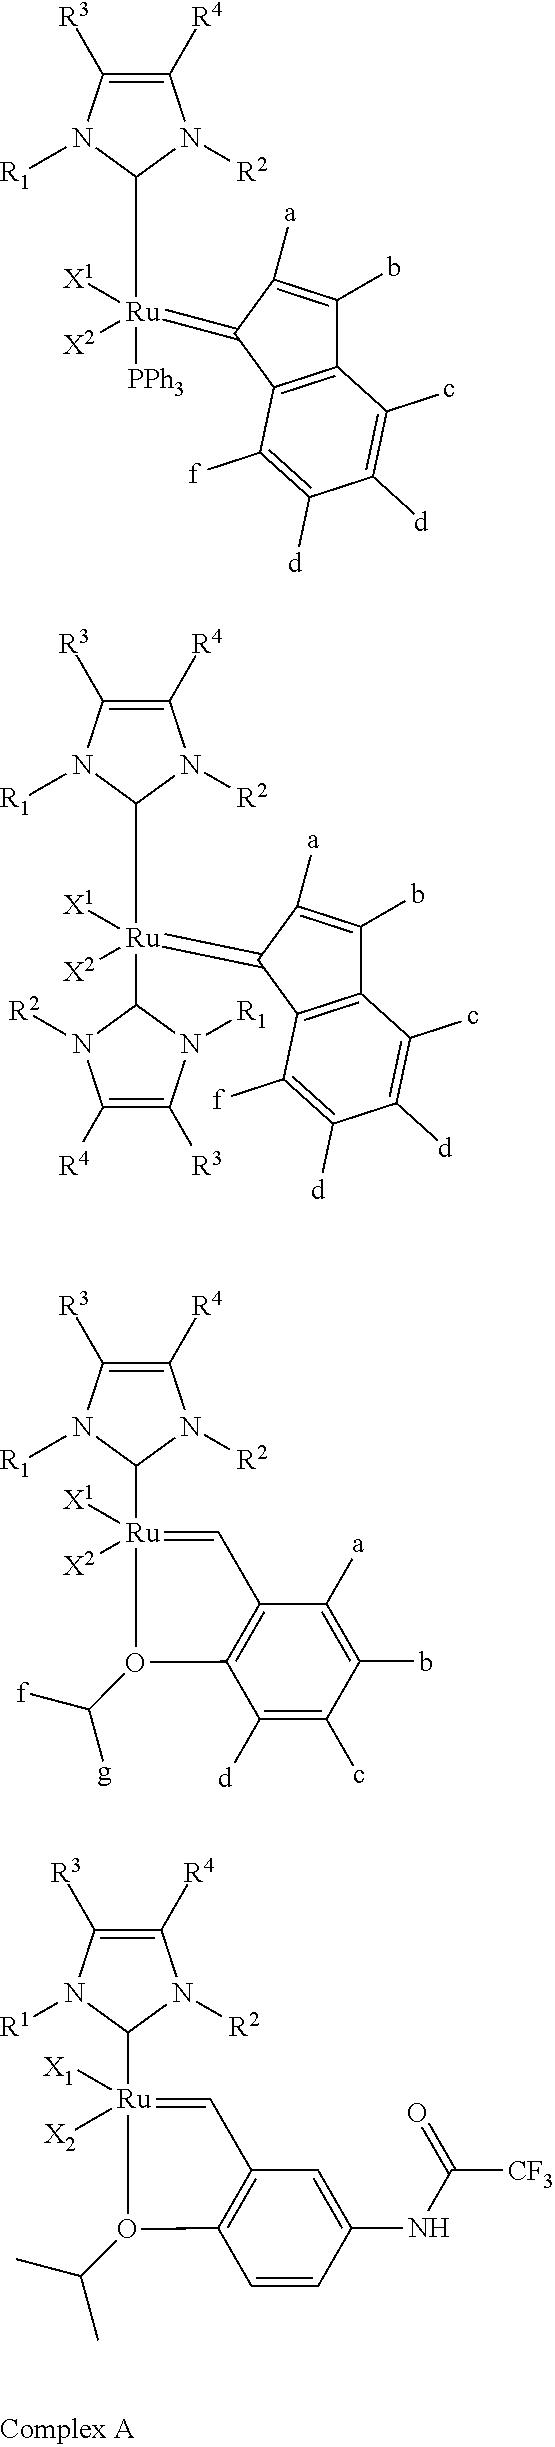 Figure US09556296-20170131-C00003